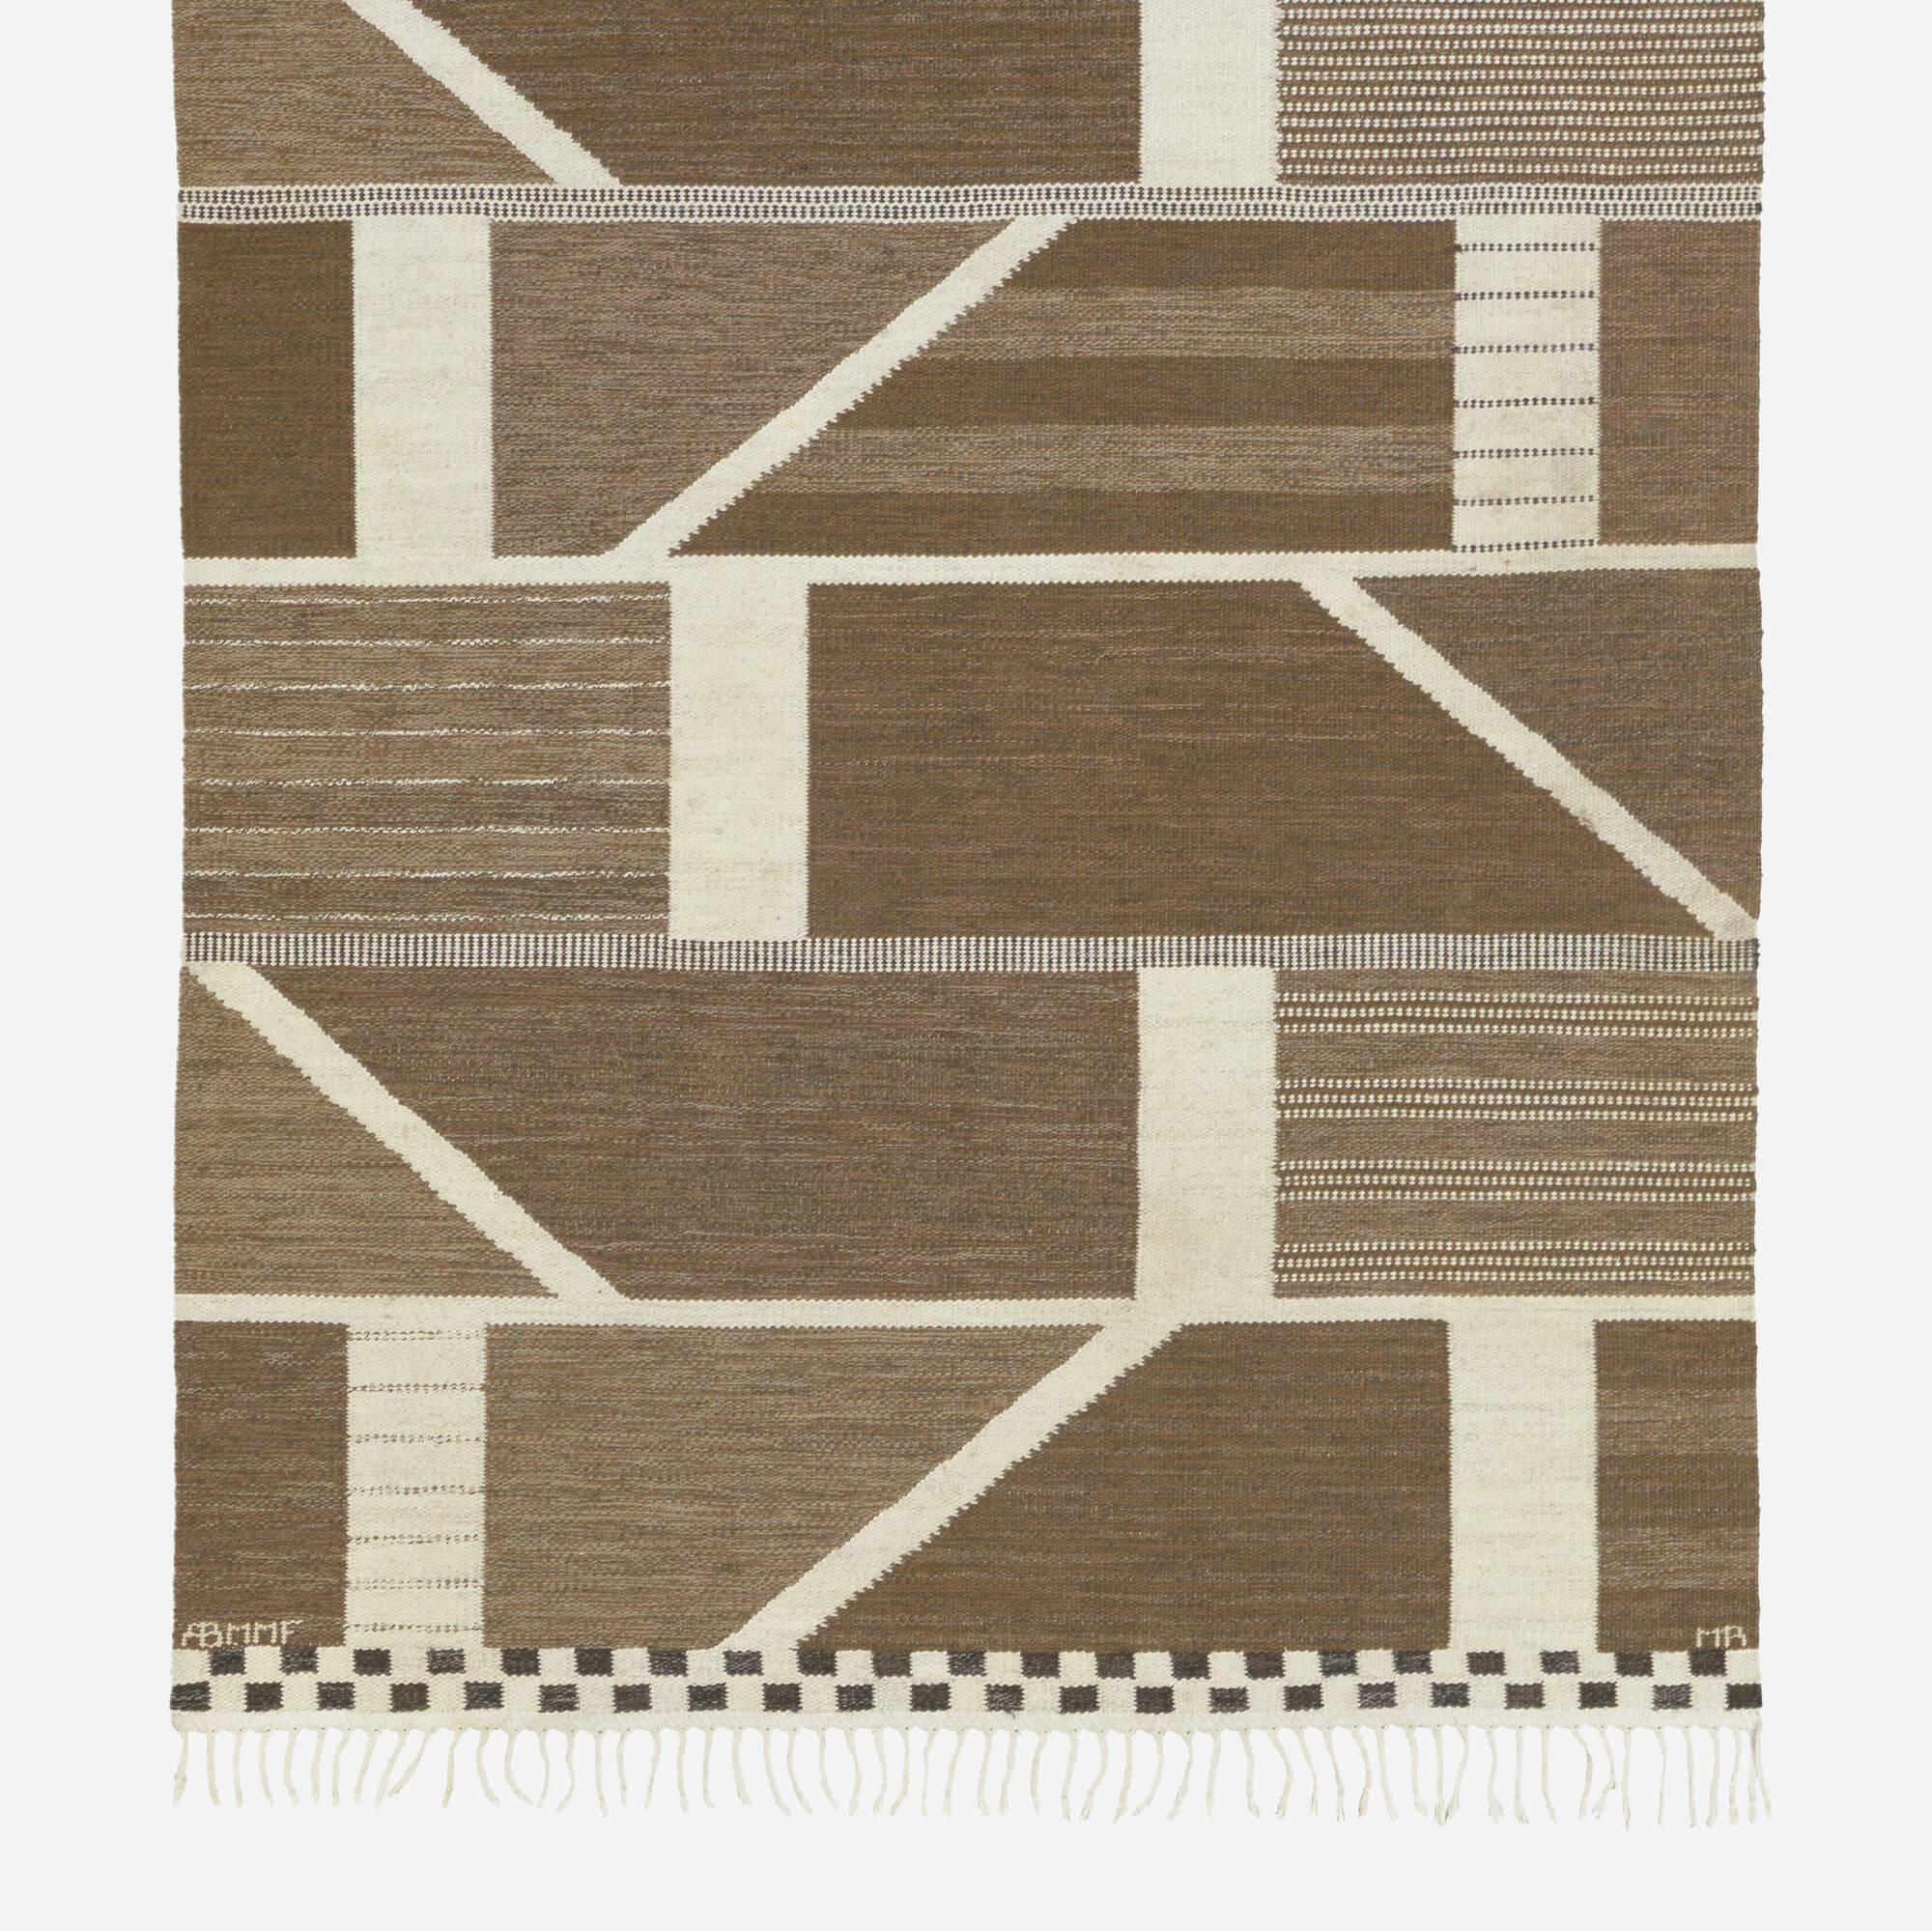 201: Marianne Richter / Korsvirke flatweave carpet (2 of 2)